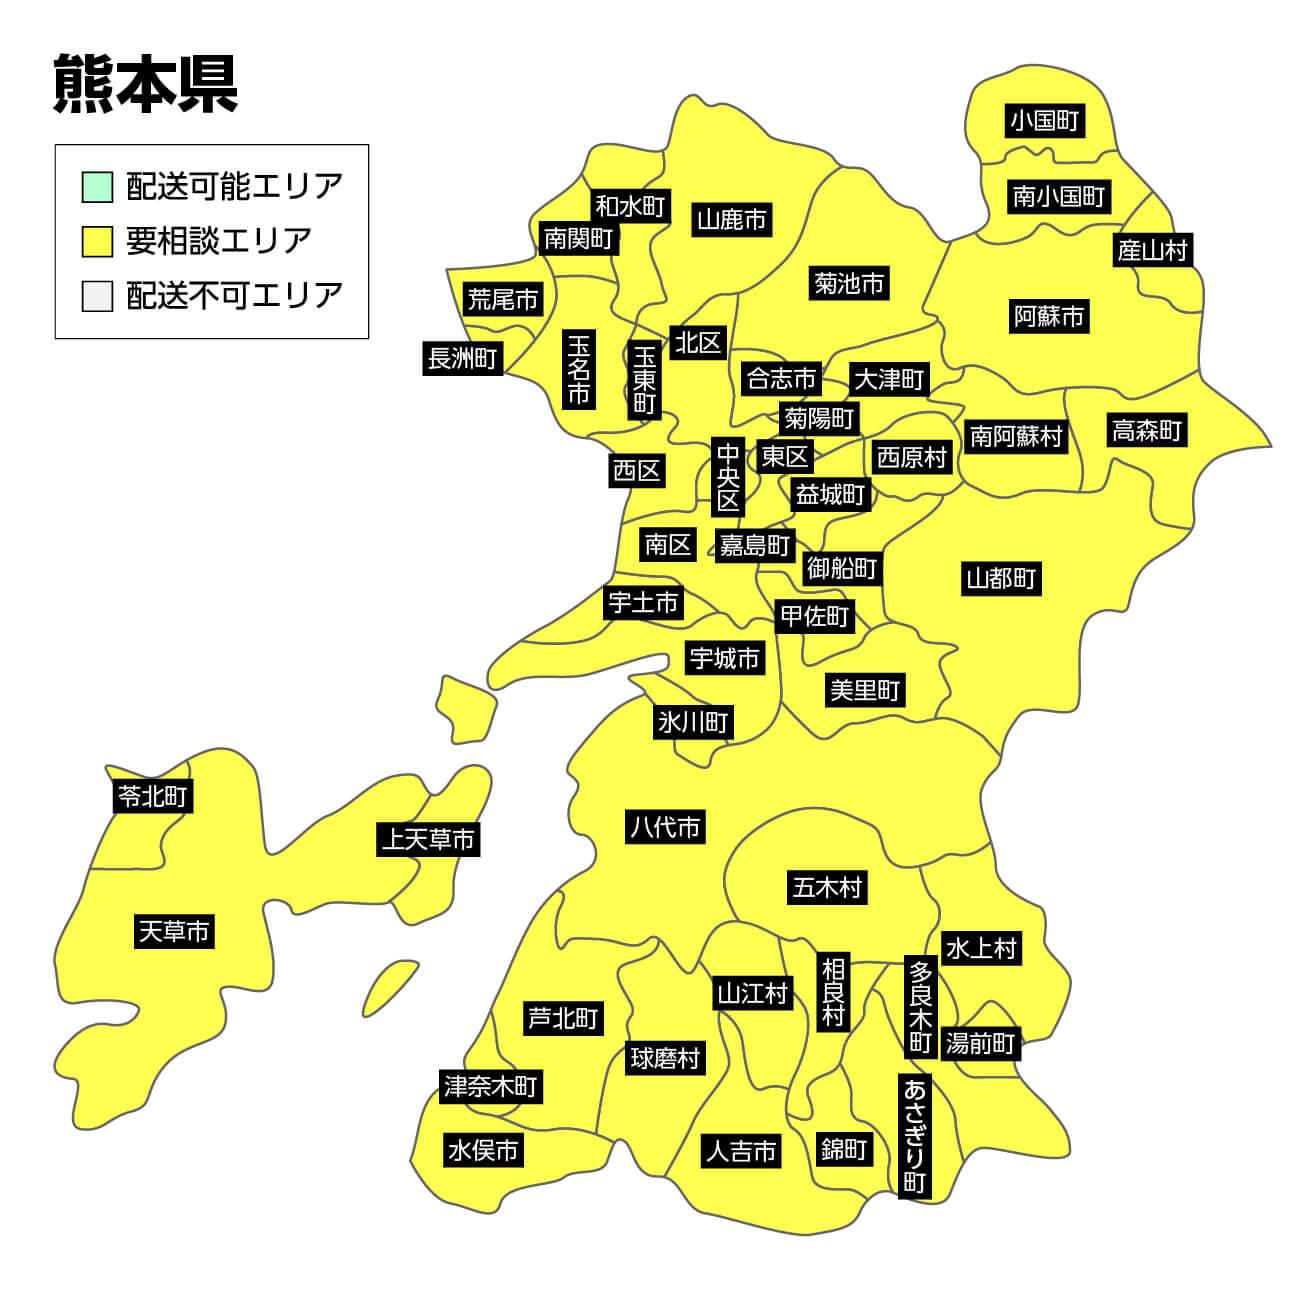 熊本県の集荷可能エリア